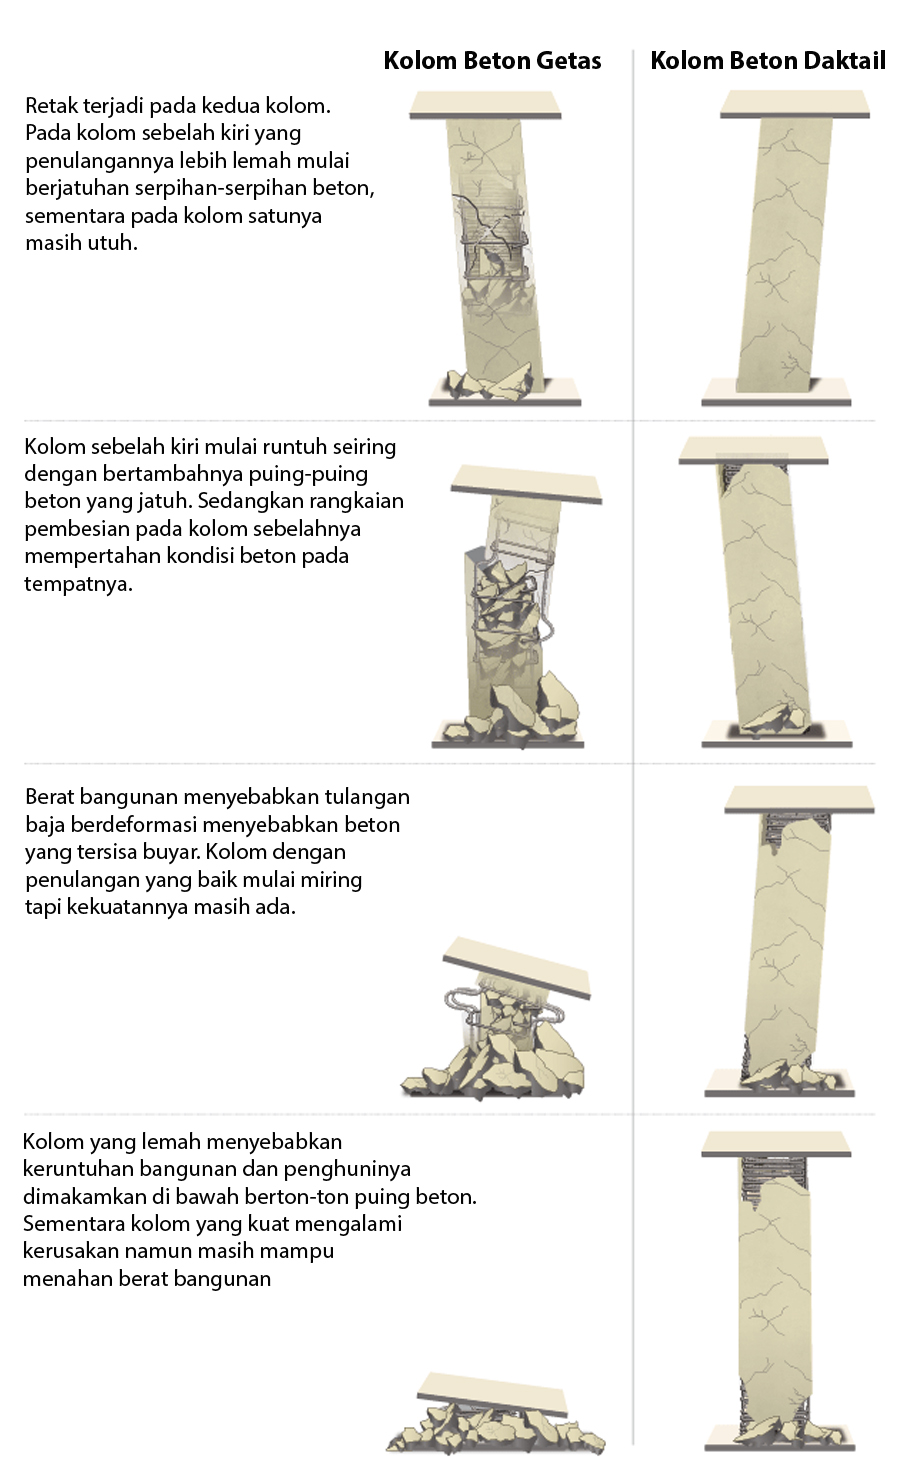 Ilustrasi perilaku kolom getas dan kolom daktail saat diguncang gempa bumi [3]